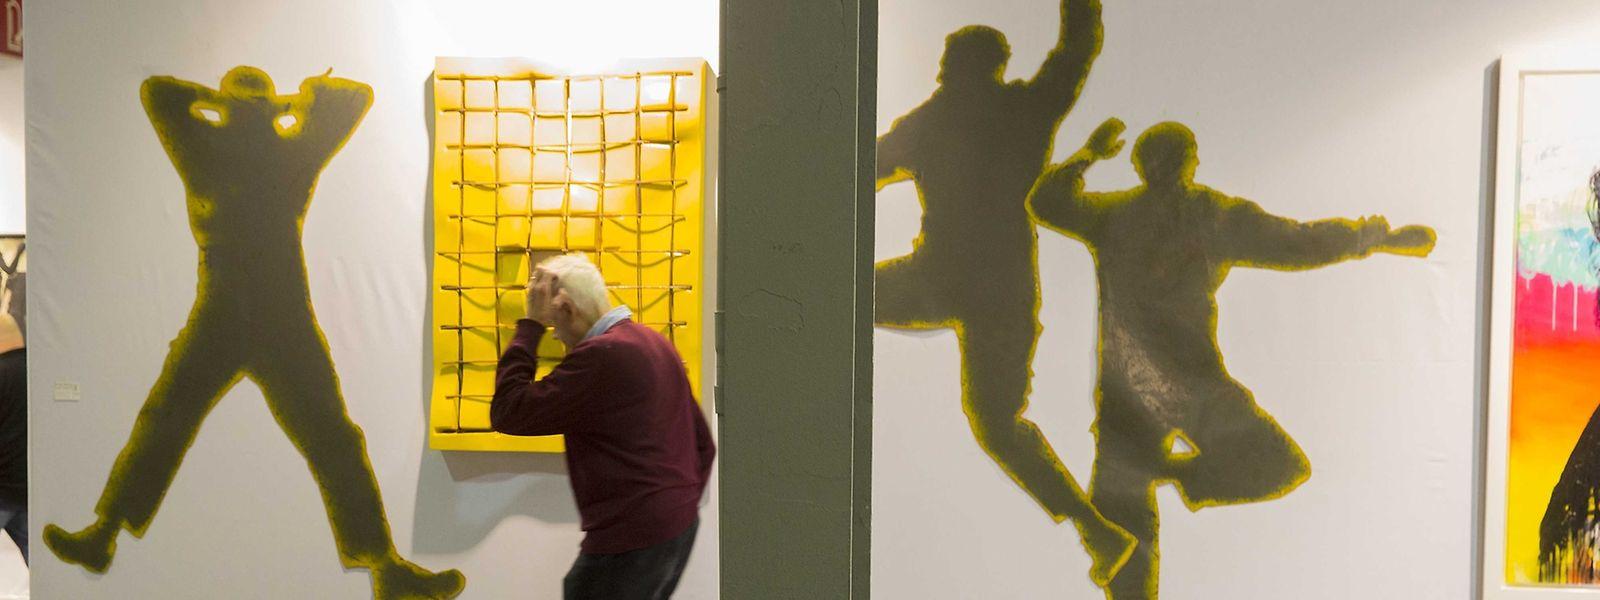 """Die """"Luxemburg Art Fair"""" sorgte auch für einige Irritationen – knapp einen Monat zuvor hatte die """"Luxembourg Art Week"""" mit einem ähnlichen Konzept stattgefunden."""